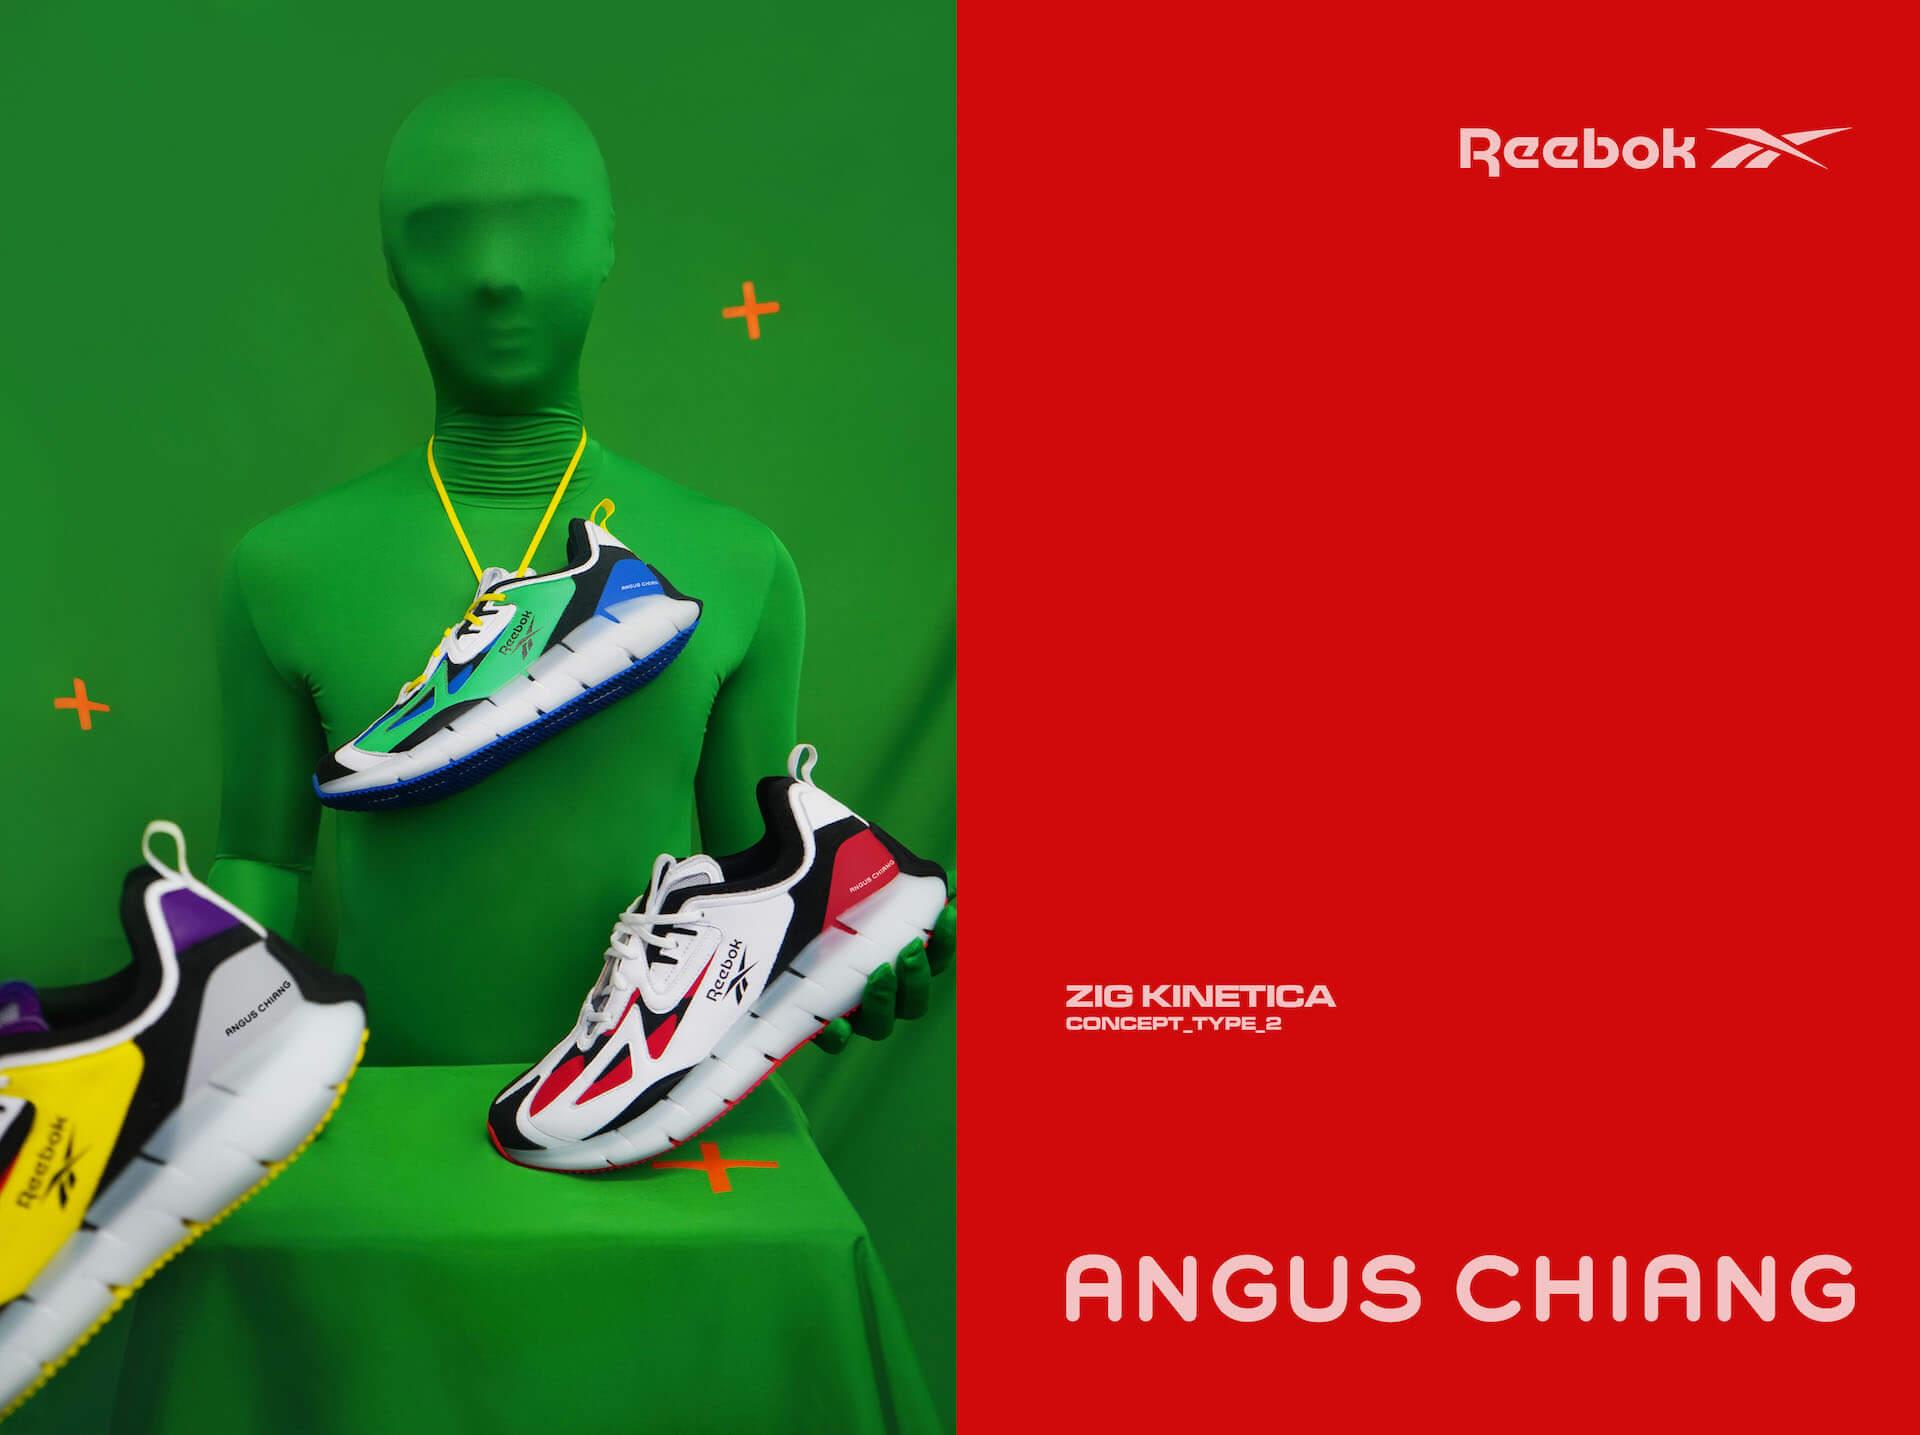 リーボックからアンガス・ジャンとのコラボシューズ『ANGUS CHIANG×ZIG KINETICA CONCEPT_TYPE_2』が登場!ポップで大胆なカラーリングに fashion2020106_reebok_5